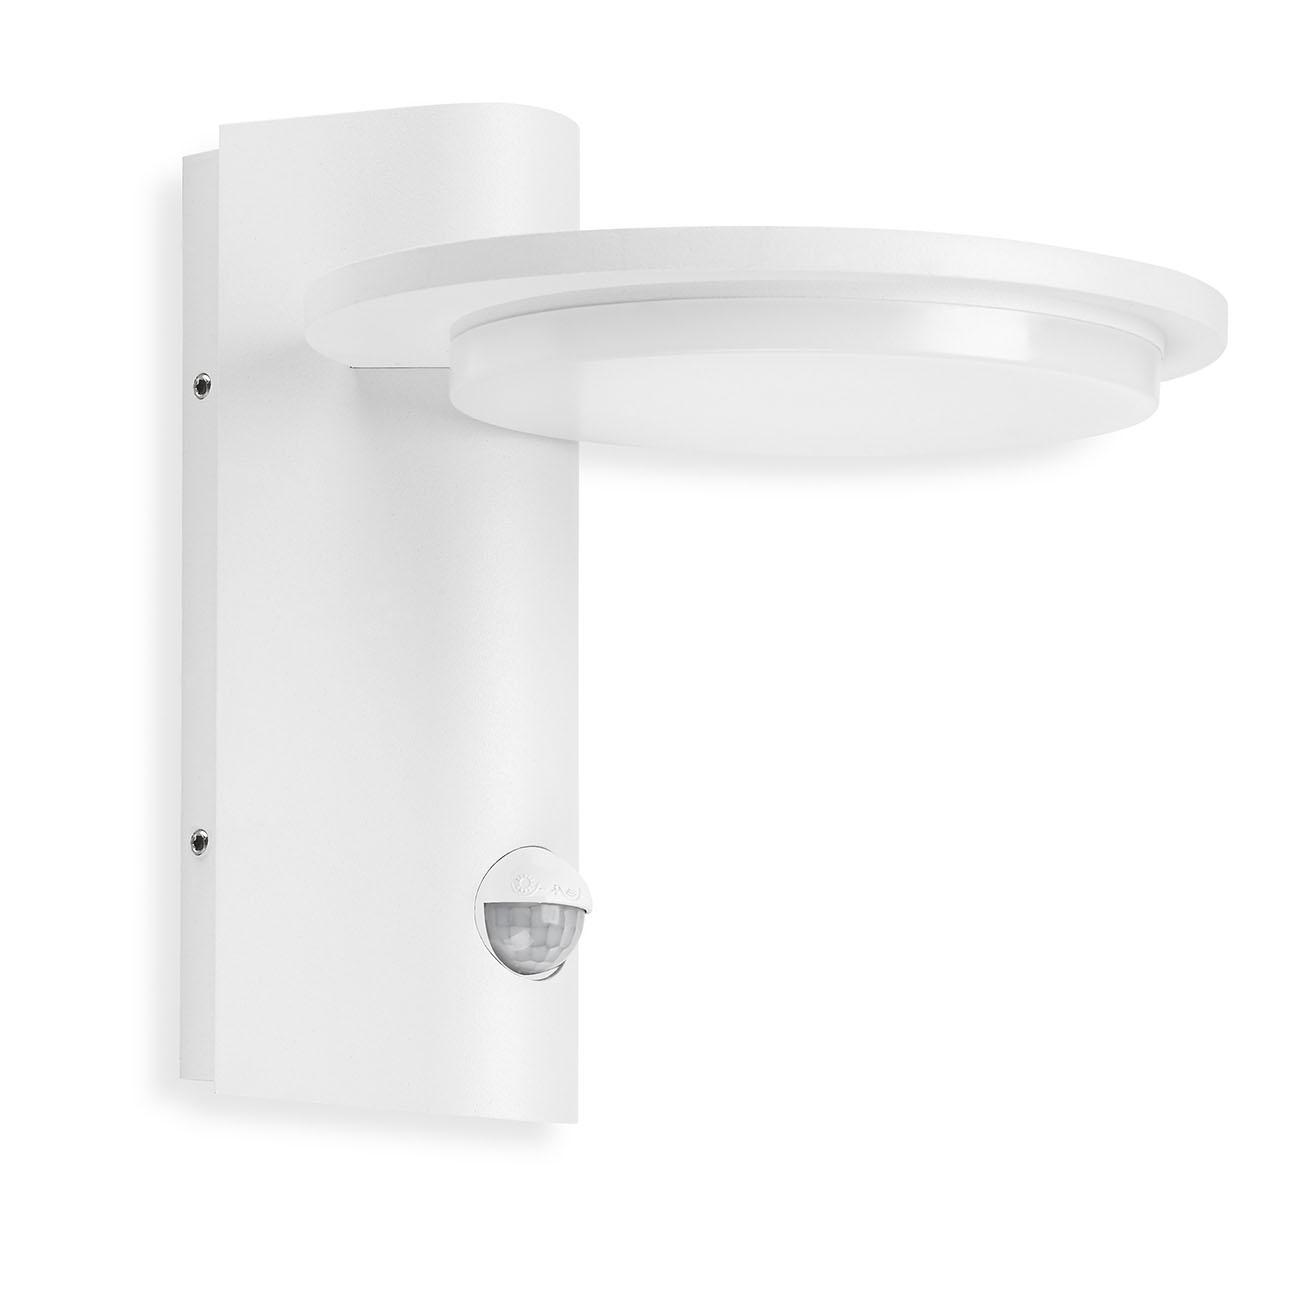 TELEFUNKEN LED Aussenwandleuchte, 18 cm, 10 W, Weiss